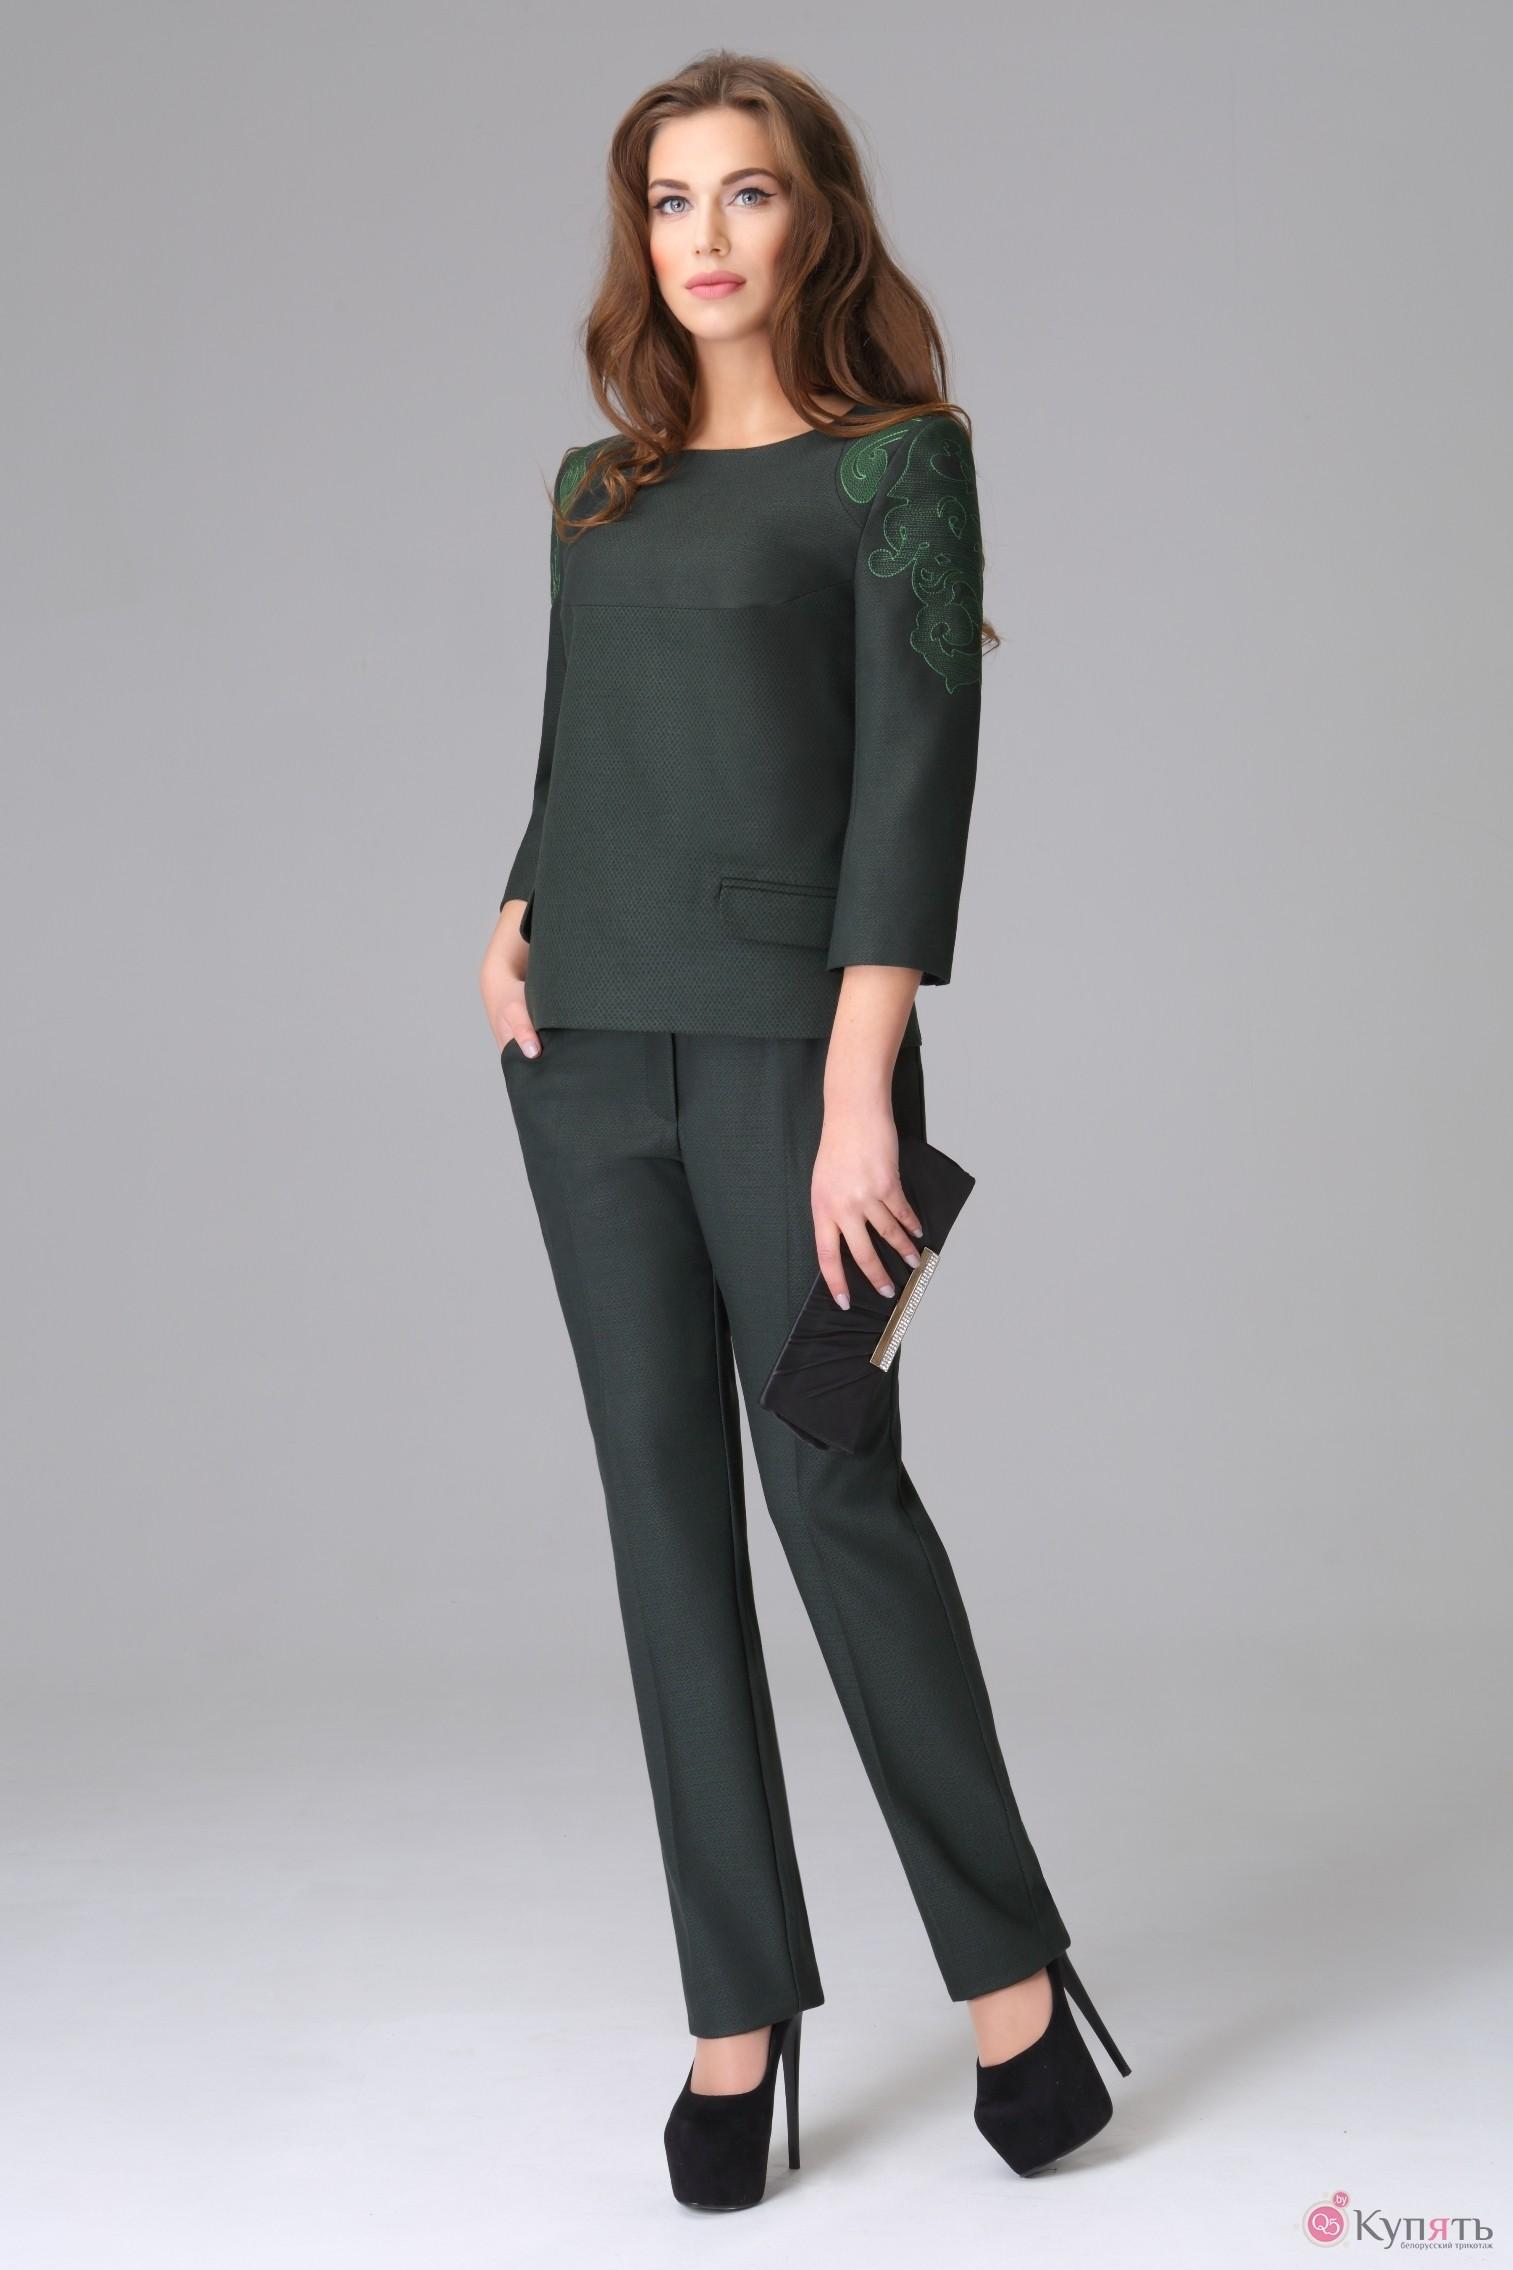 Зеленый костюм женский доставка